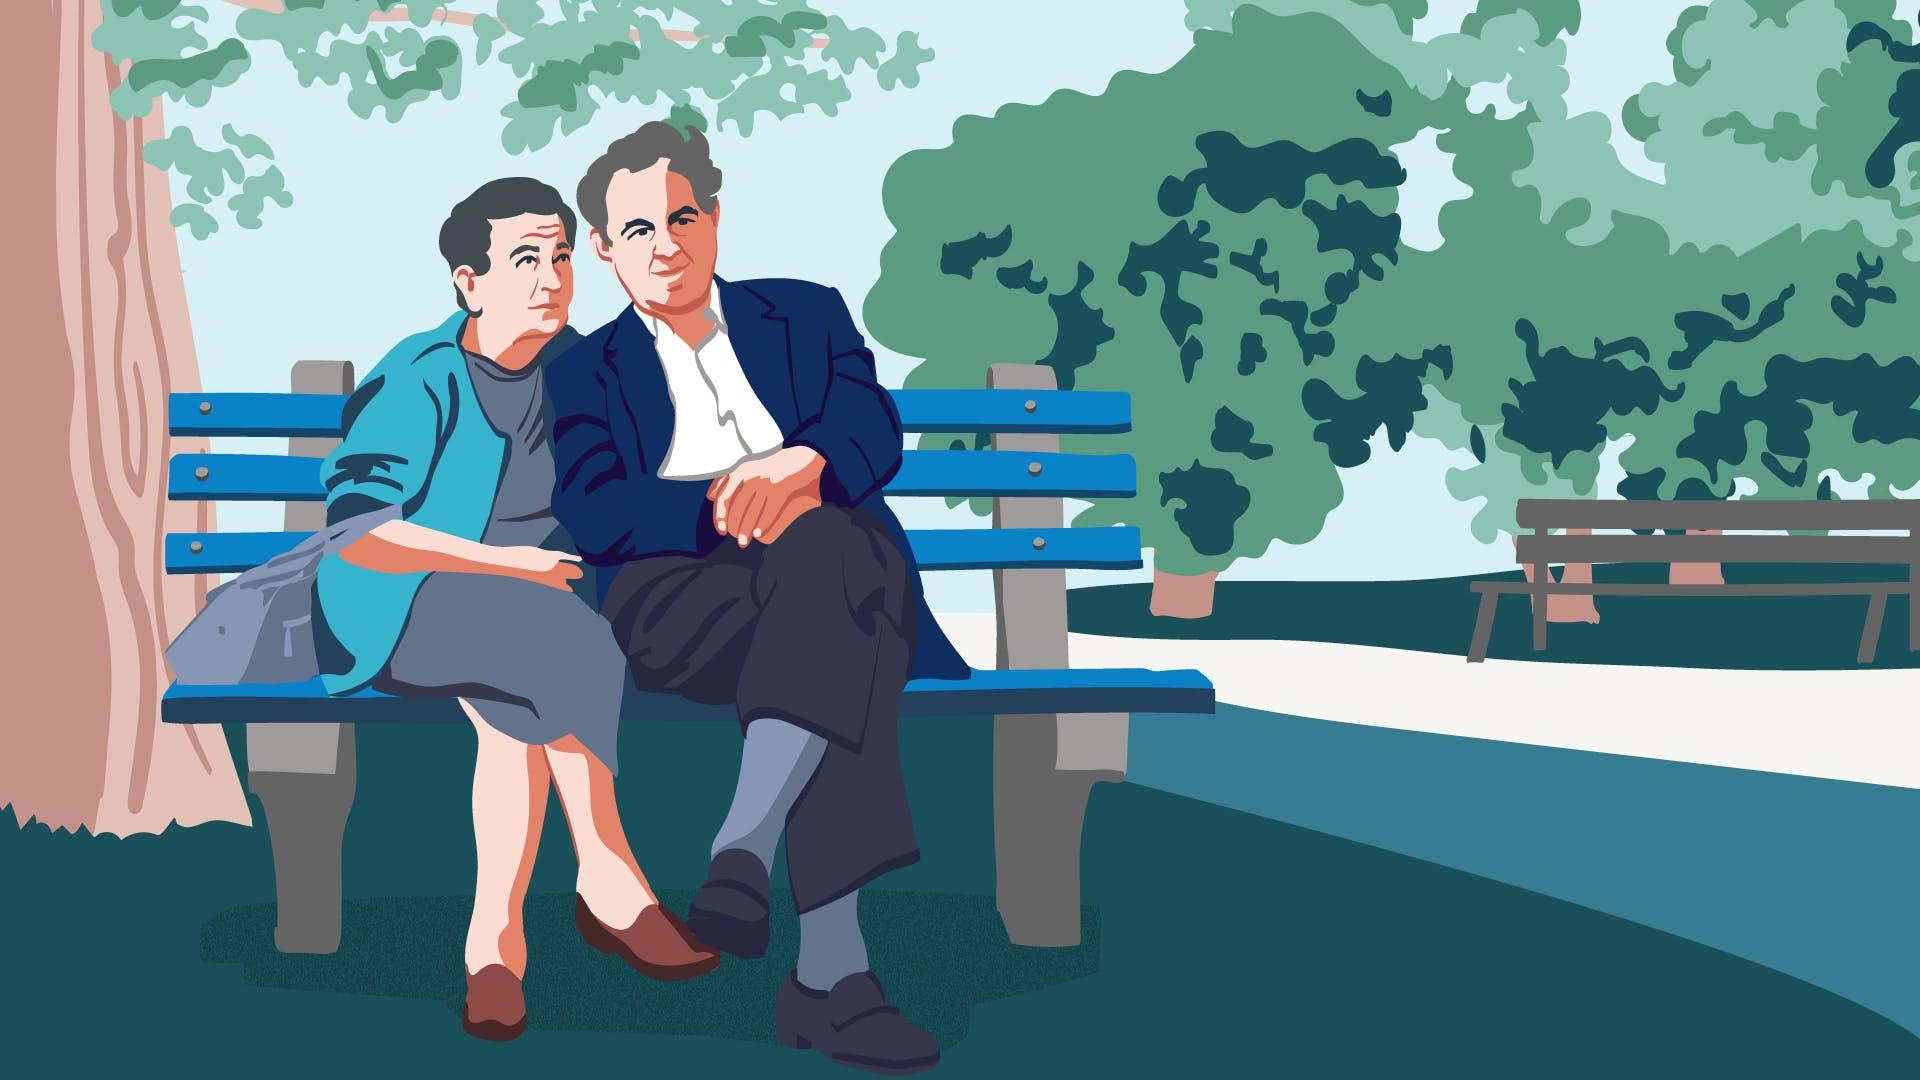 """Ã""""lteres Ehepaar sitzt auf einer Parkbank"""